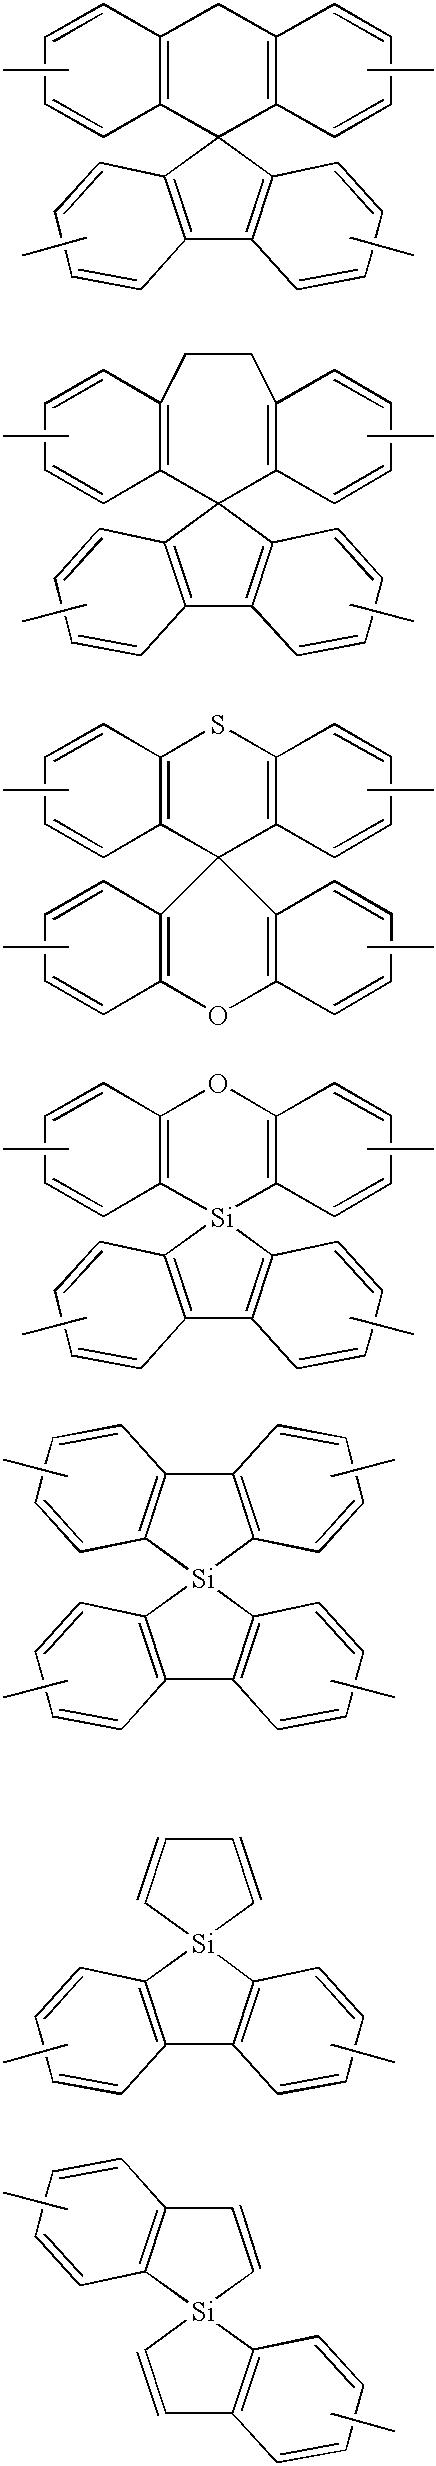 Figure US20030168970A1-20030911-C00011